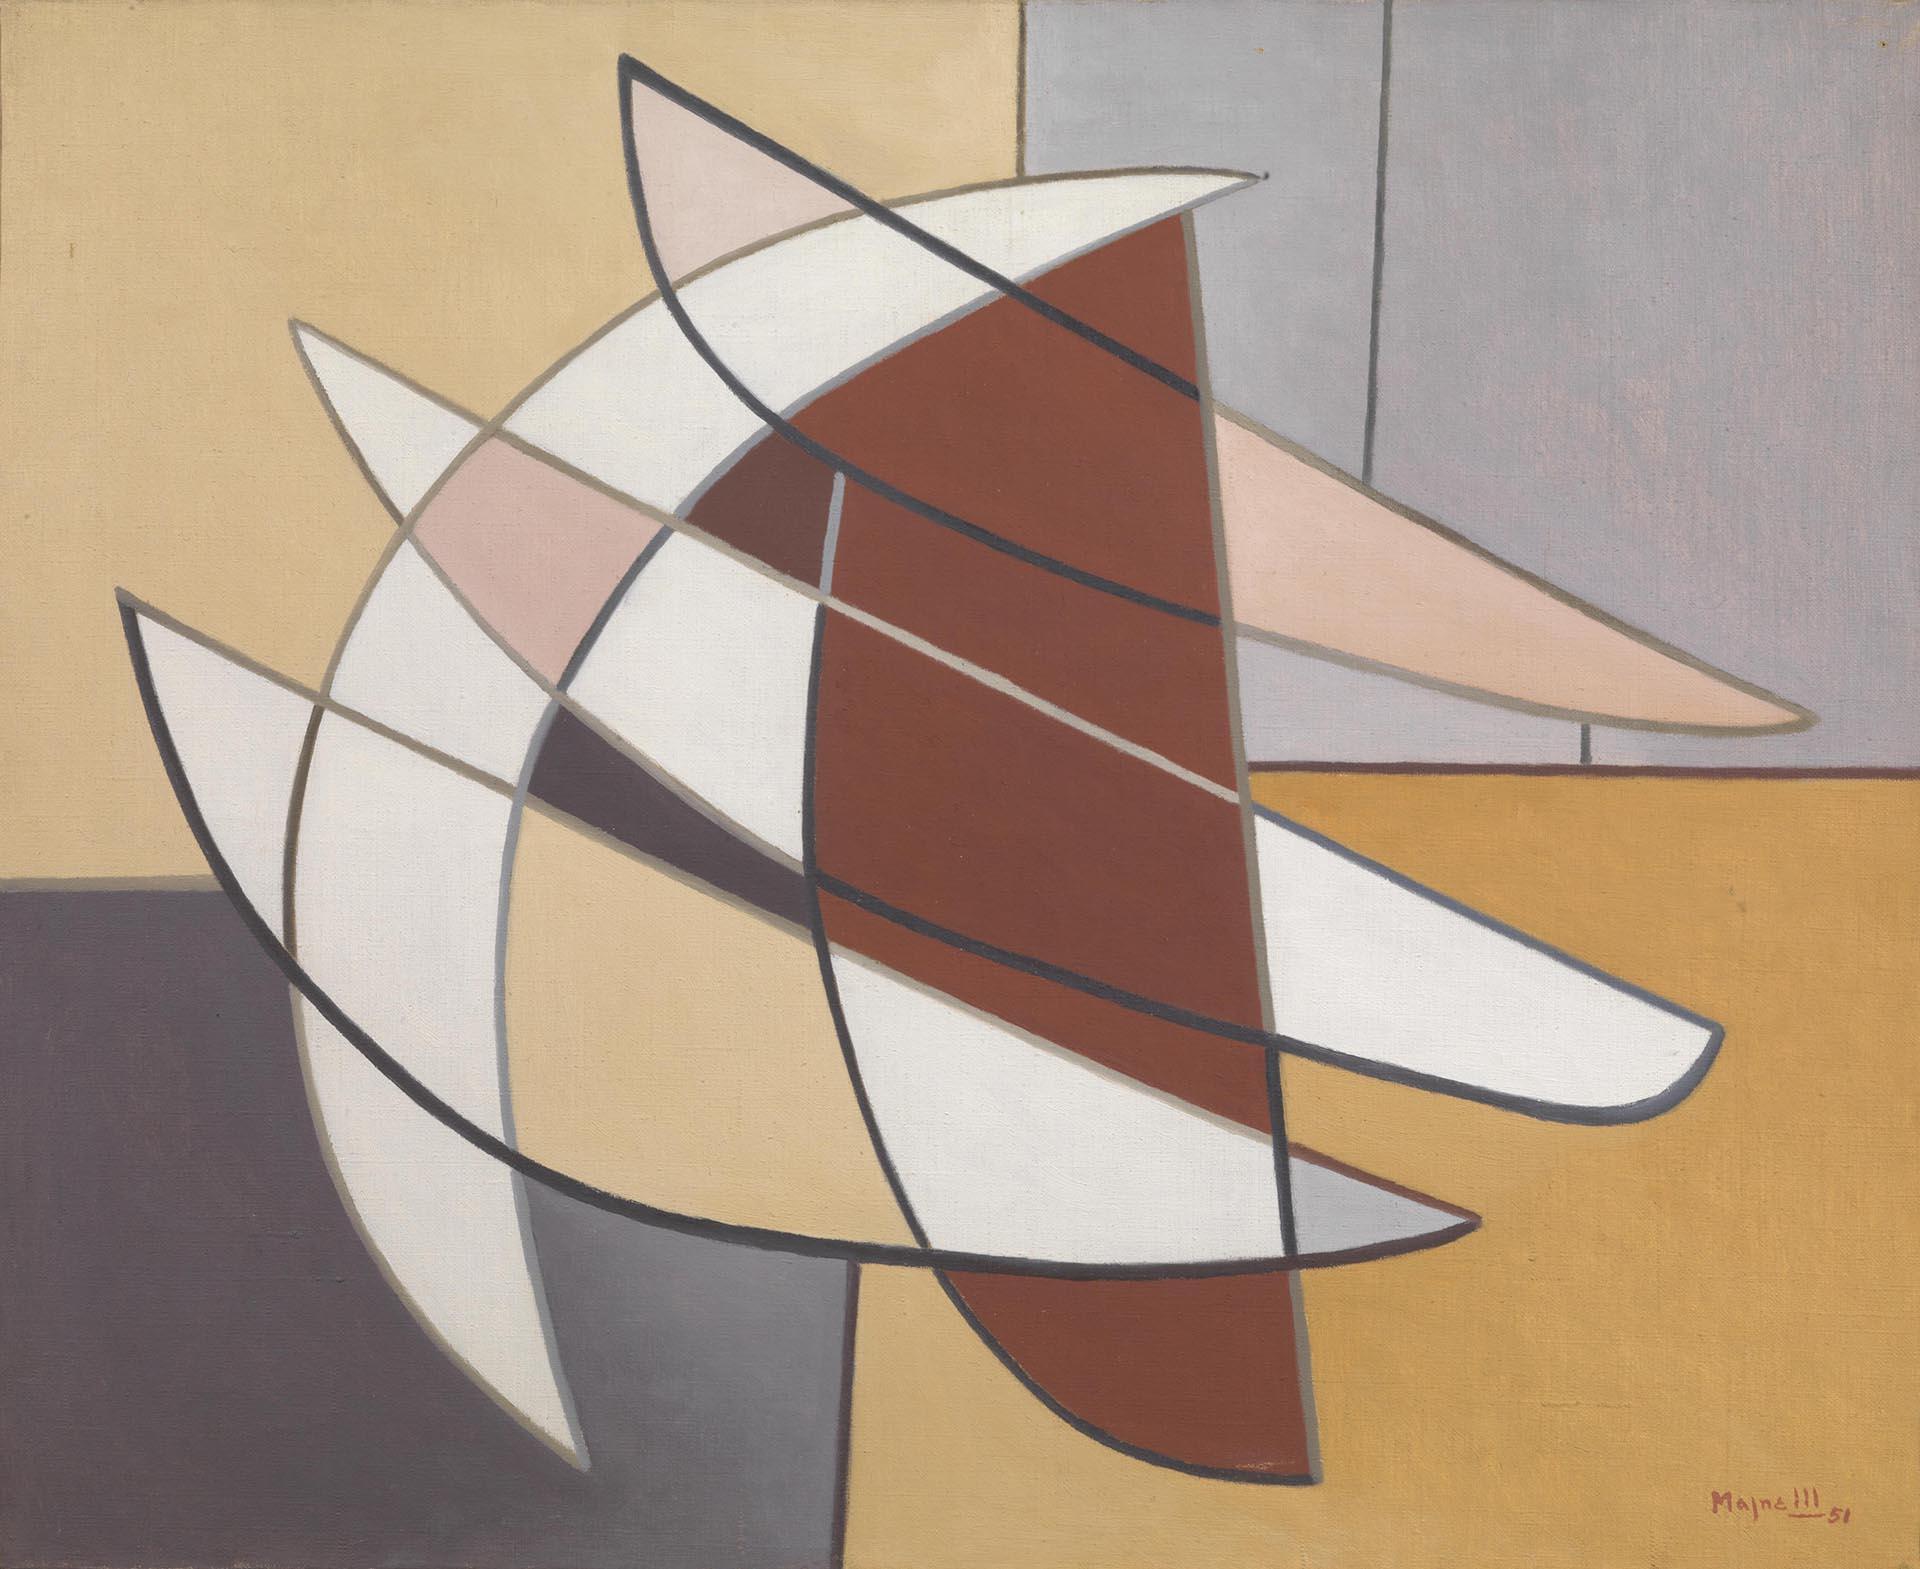 Magnelli_Forces-dressées-n°-2_1951_81x100cm